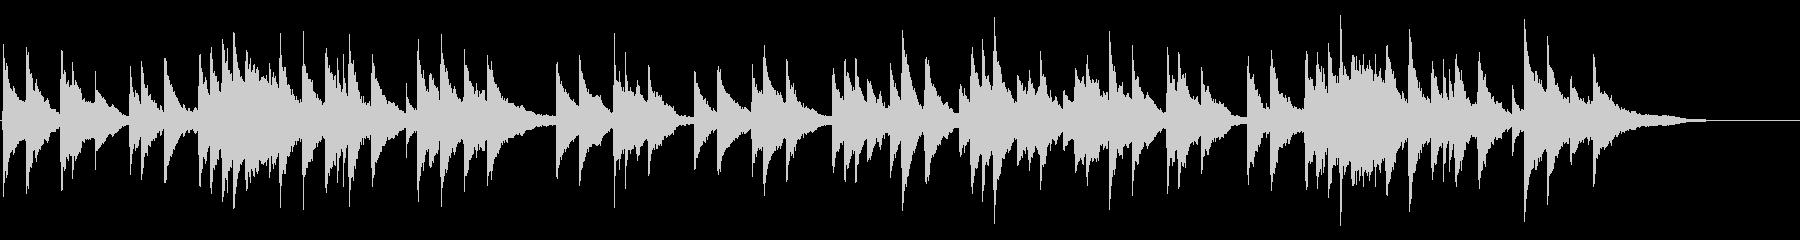 ヘンデルのアリア〈私を泣かせてください〉の未再生の波形